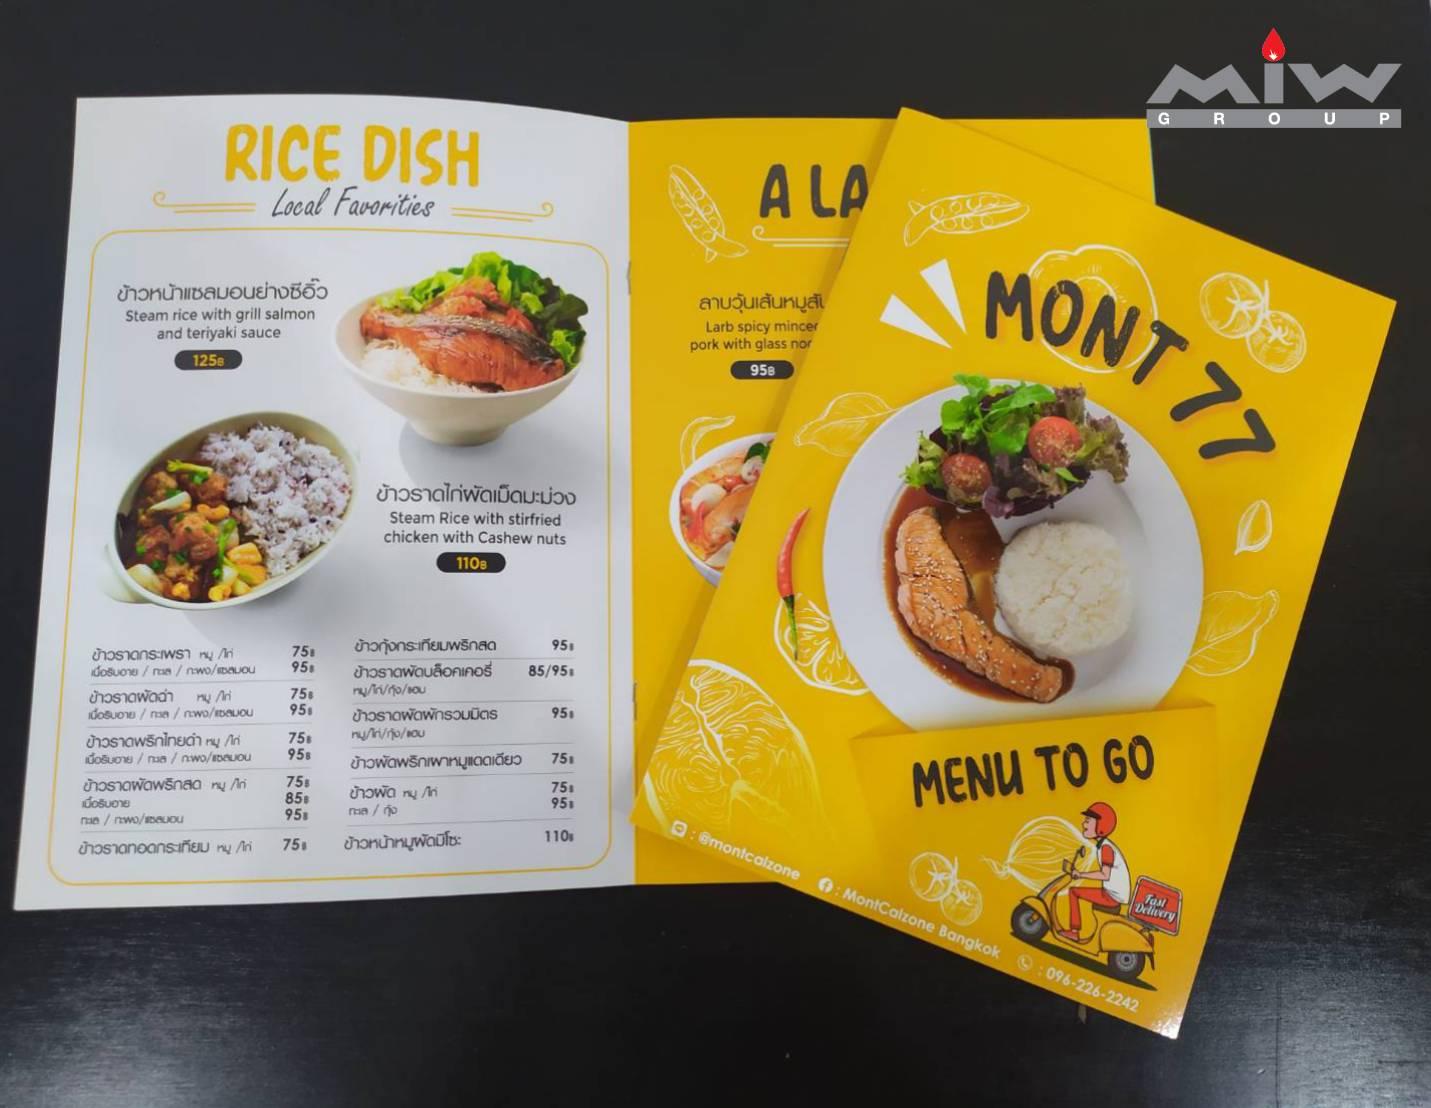 258053 - งานเมนูอาหารร้าน มอนท์คัลโซน (Mont Calzone)